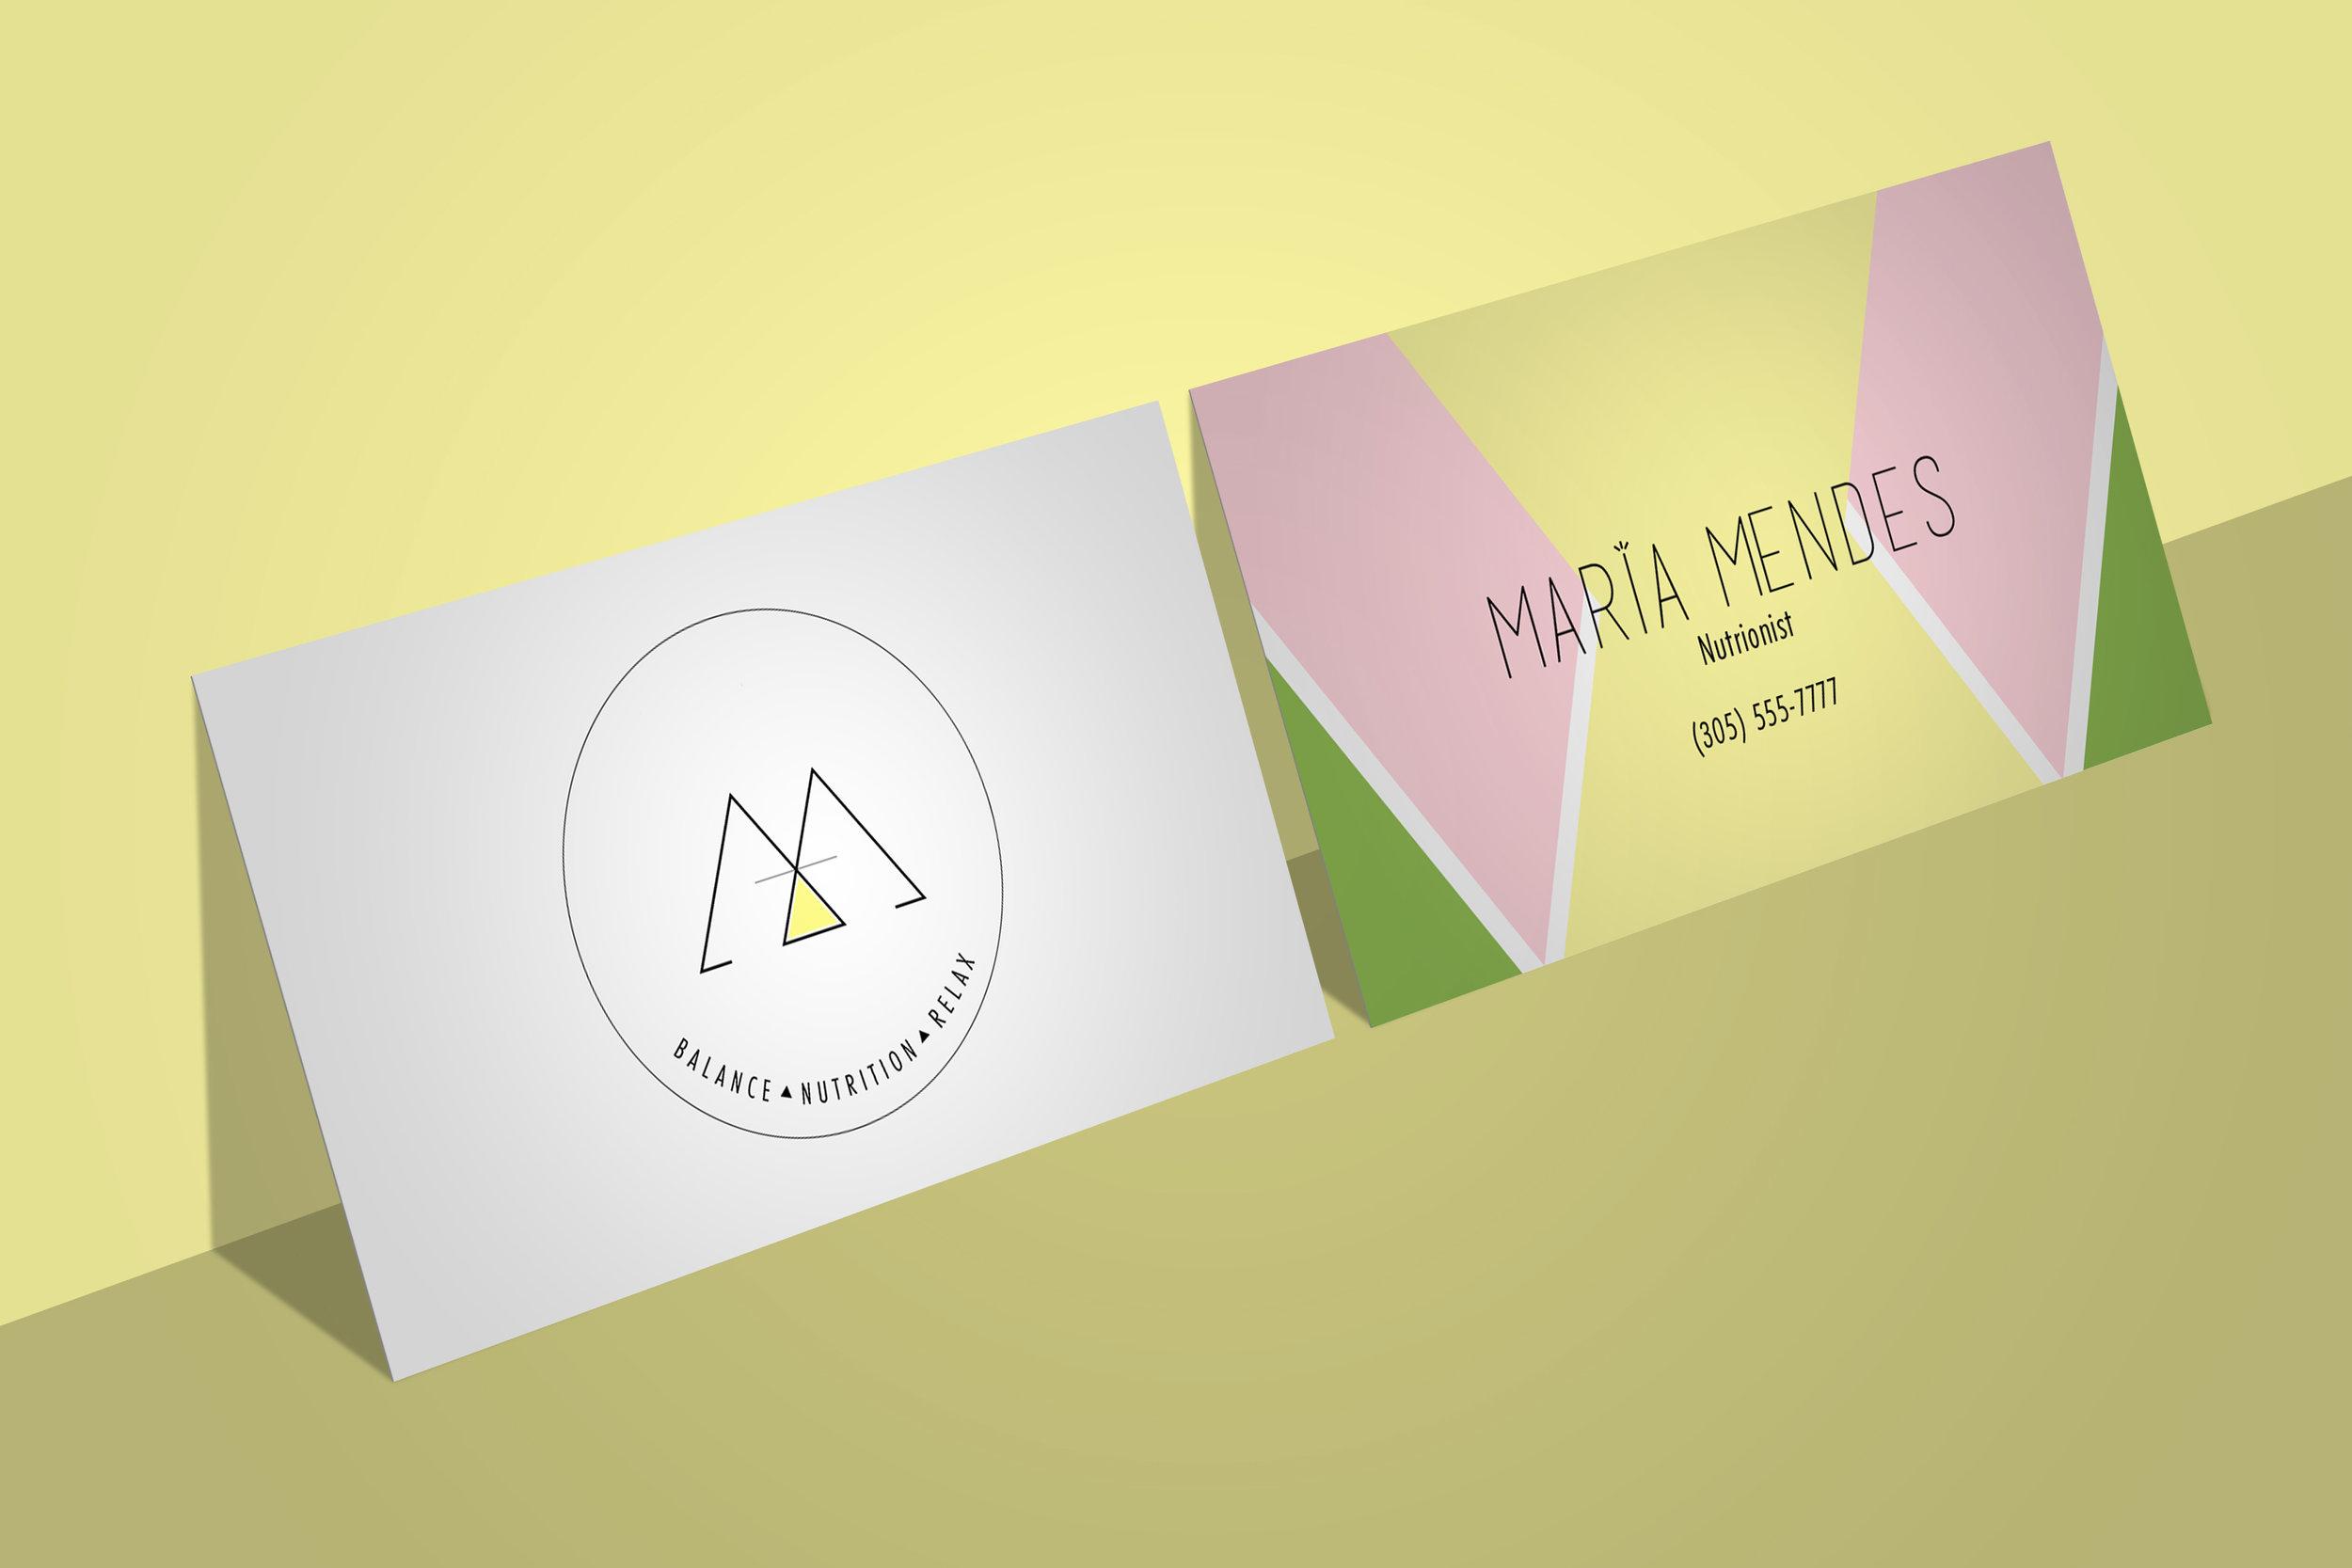 Maria Mendes Business Card.jpg